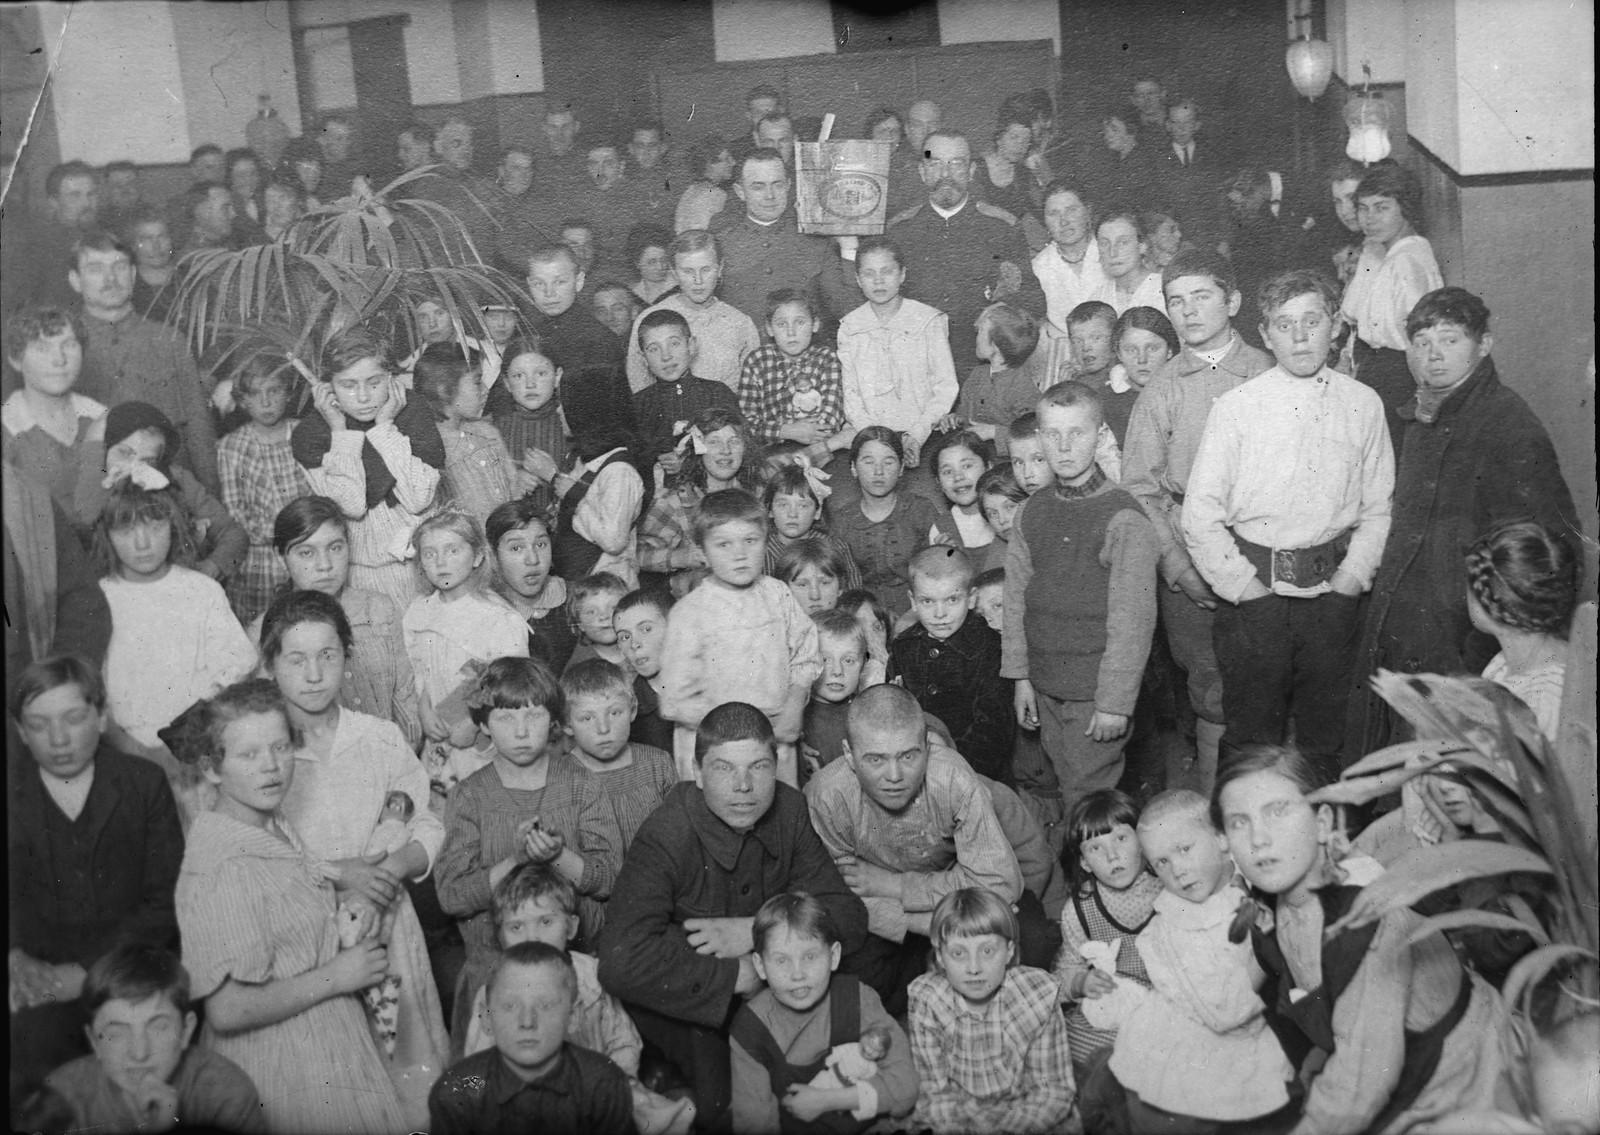 12. 1919. Владивосток. Дети из малоимущих семей на рождественском празднике, устроенном  Американским Красным Крестом